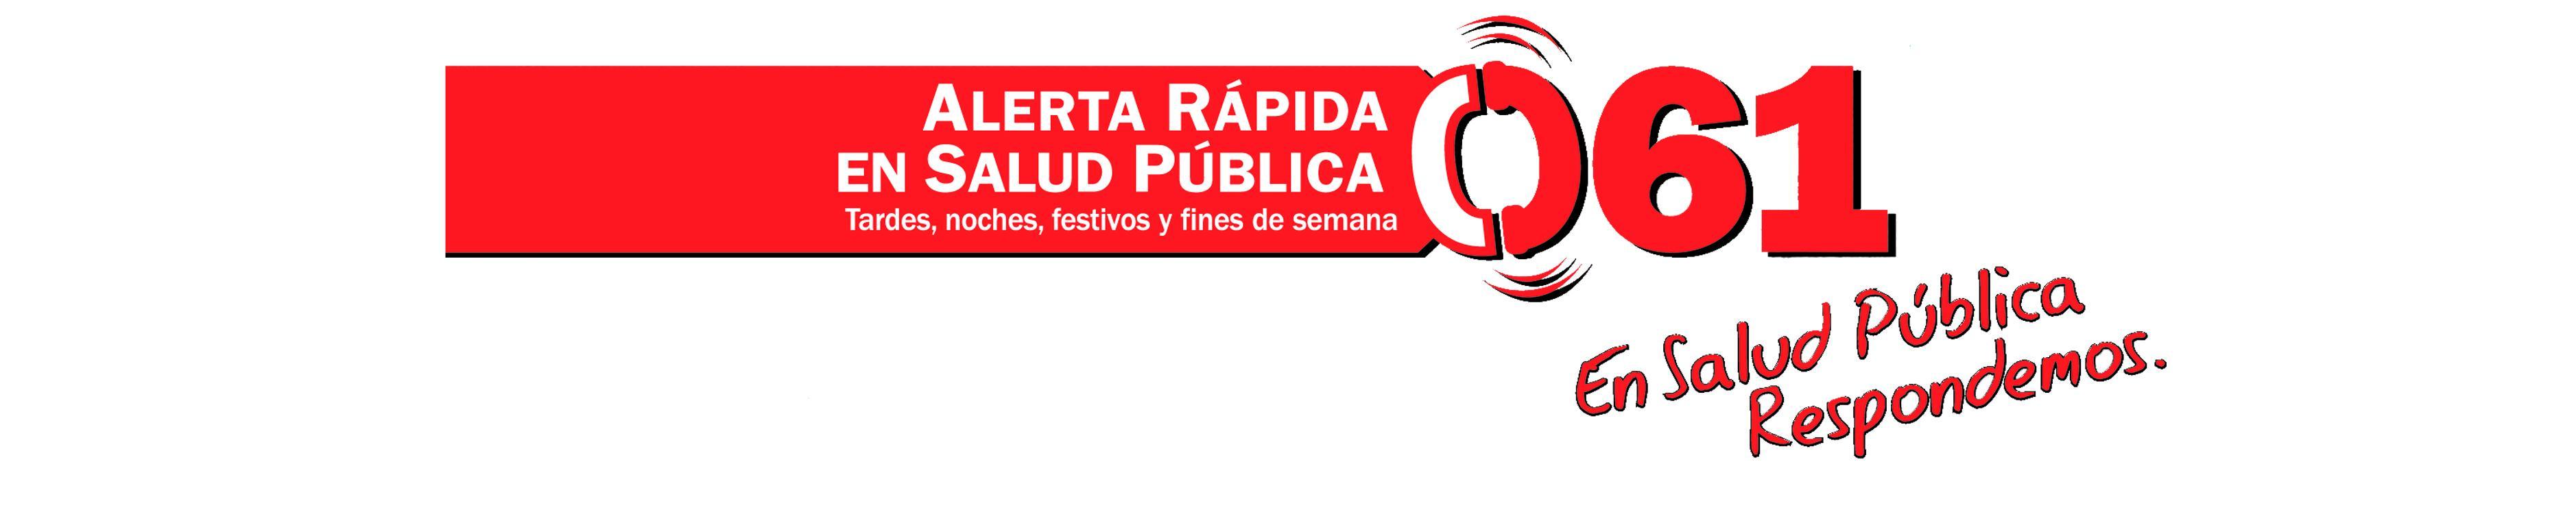 """slogan con el texto """" servicio de alertas en salud pública, tardes, noches festivos y fines de semana, 061. En salud pública respondemos"""""""